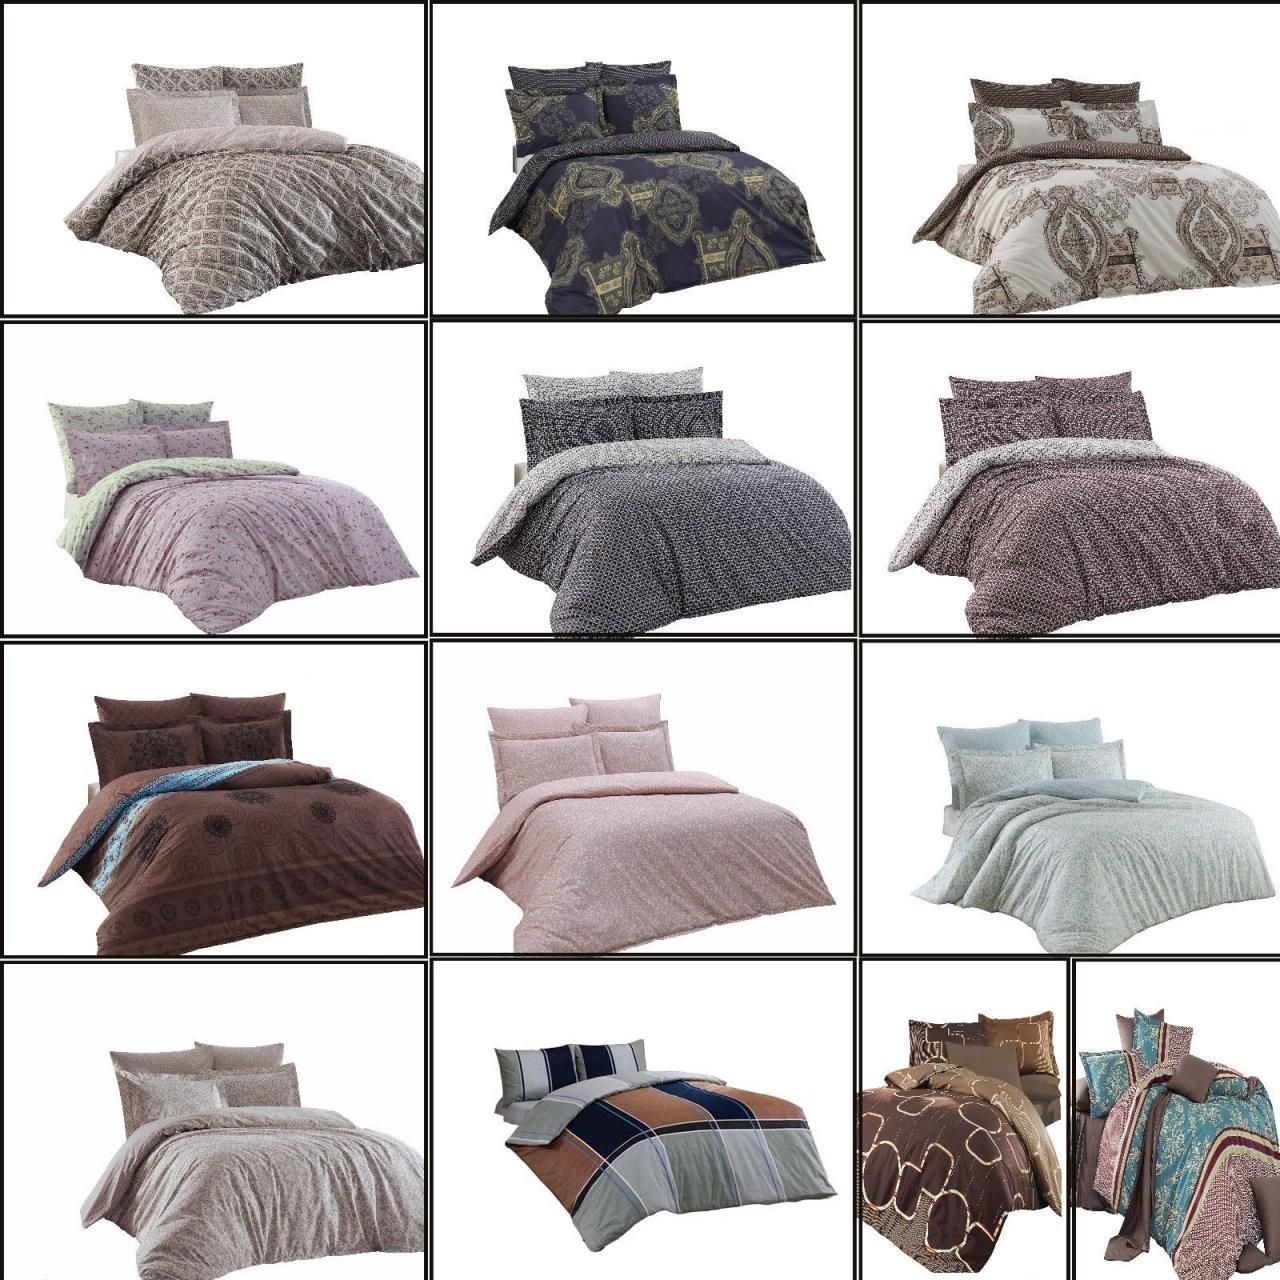 5 Tlgbettwäsche Bettgarnitur Renforce Baumwolle 200X200 200X220 von Bettwäsche 200X220 Günstig Bild